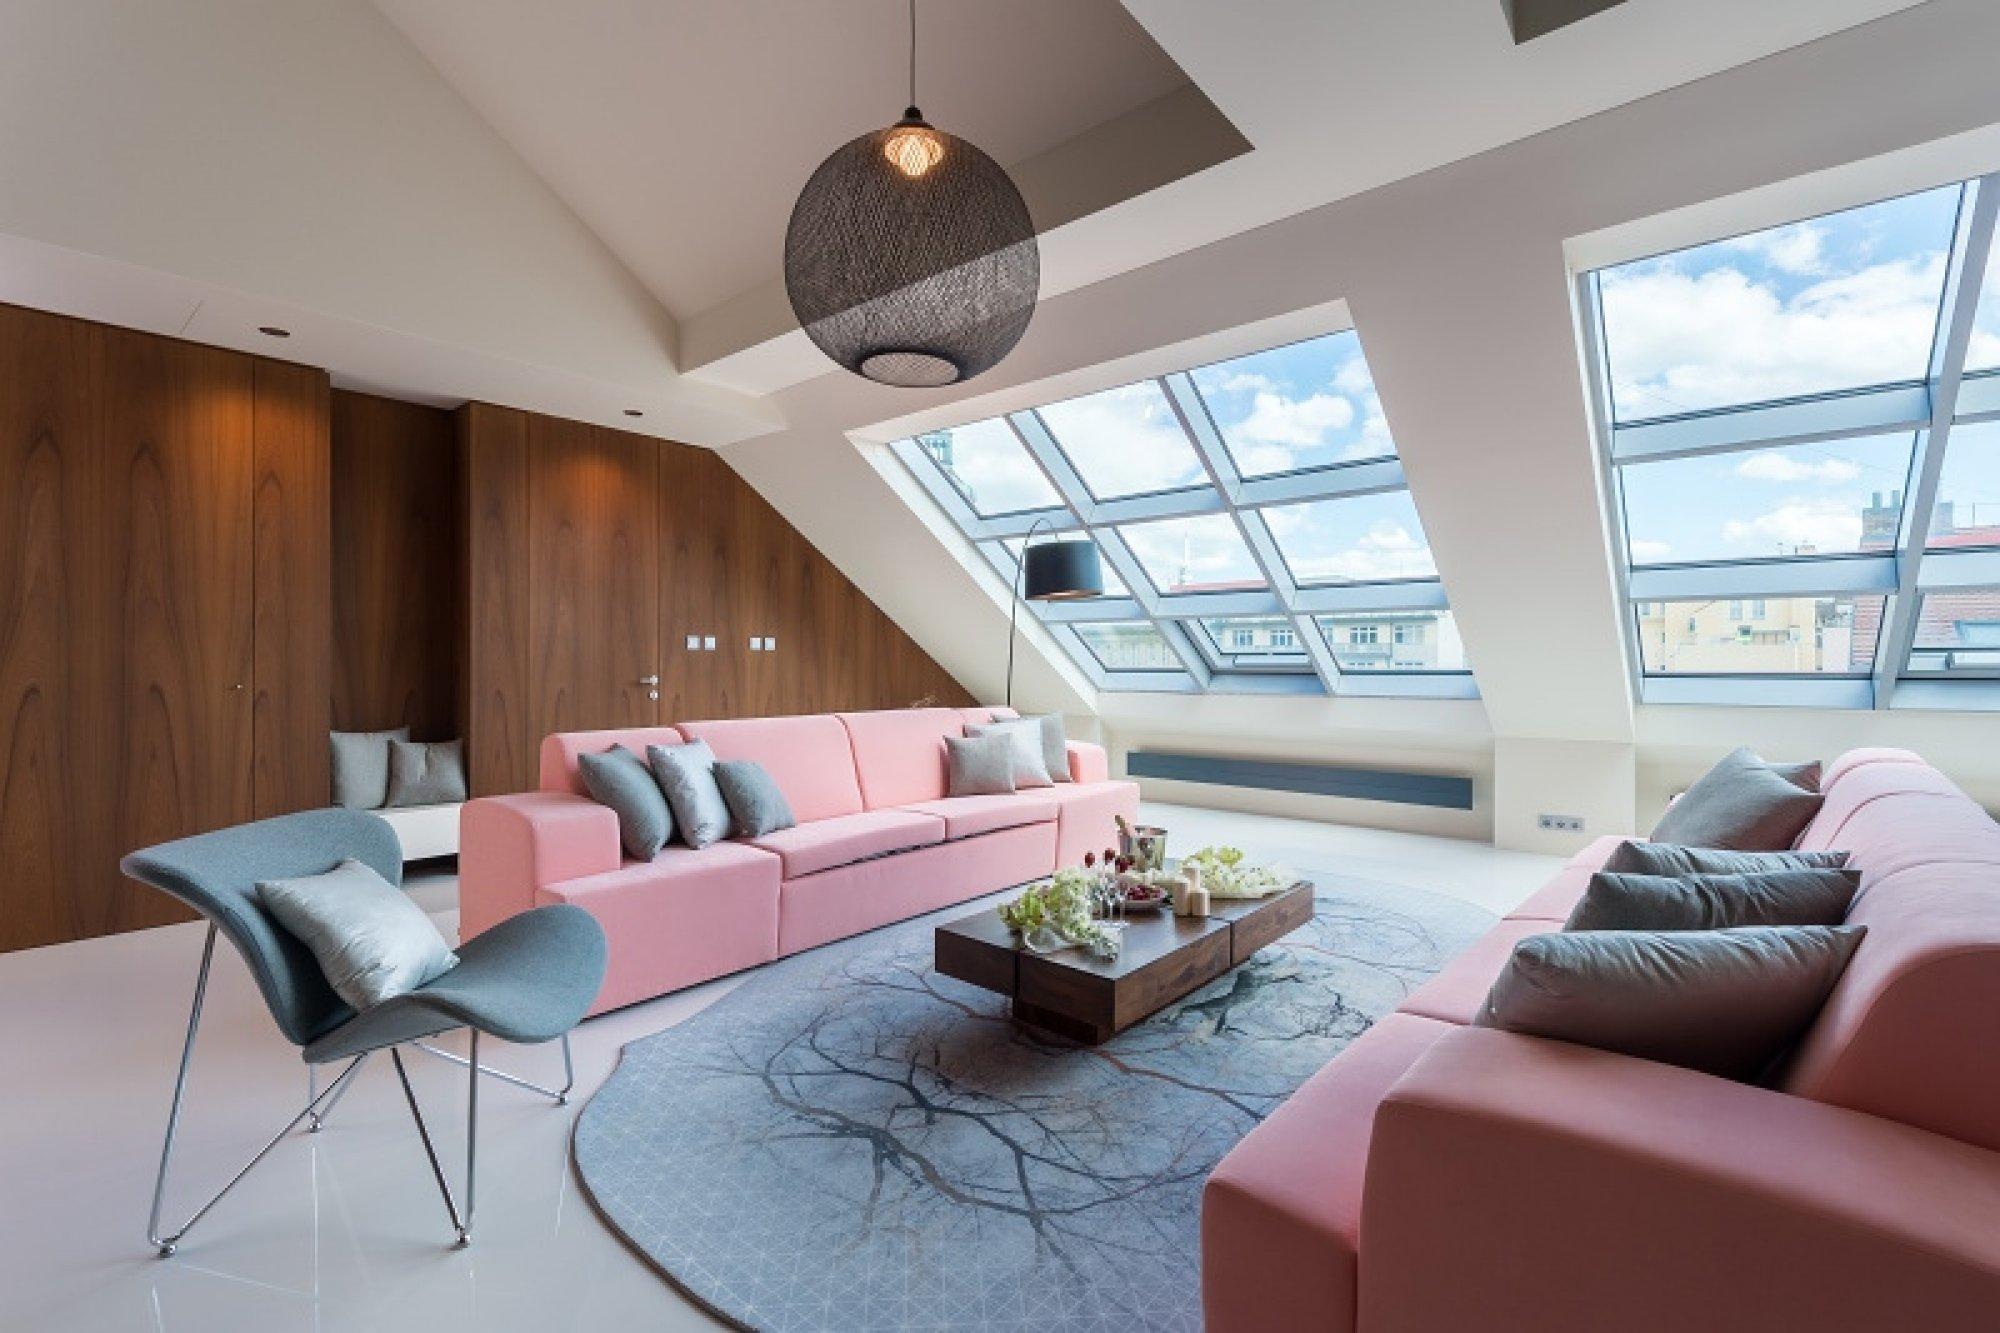 Půdní byt 5+kk, plocha 261 m², ulice Jindřišská, Praha 1 - Nové Město | 2